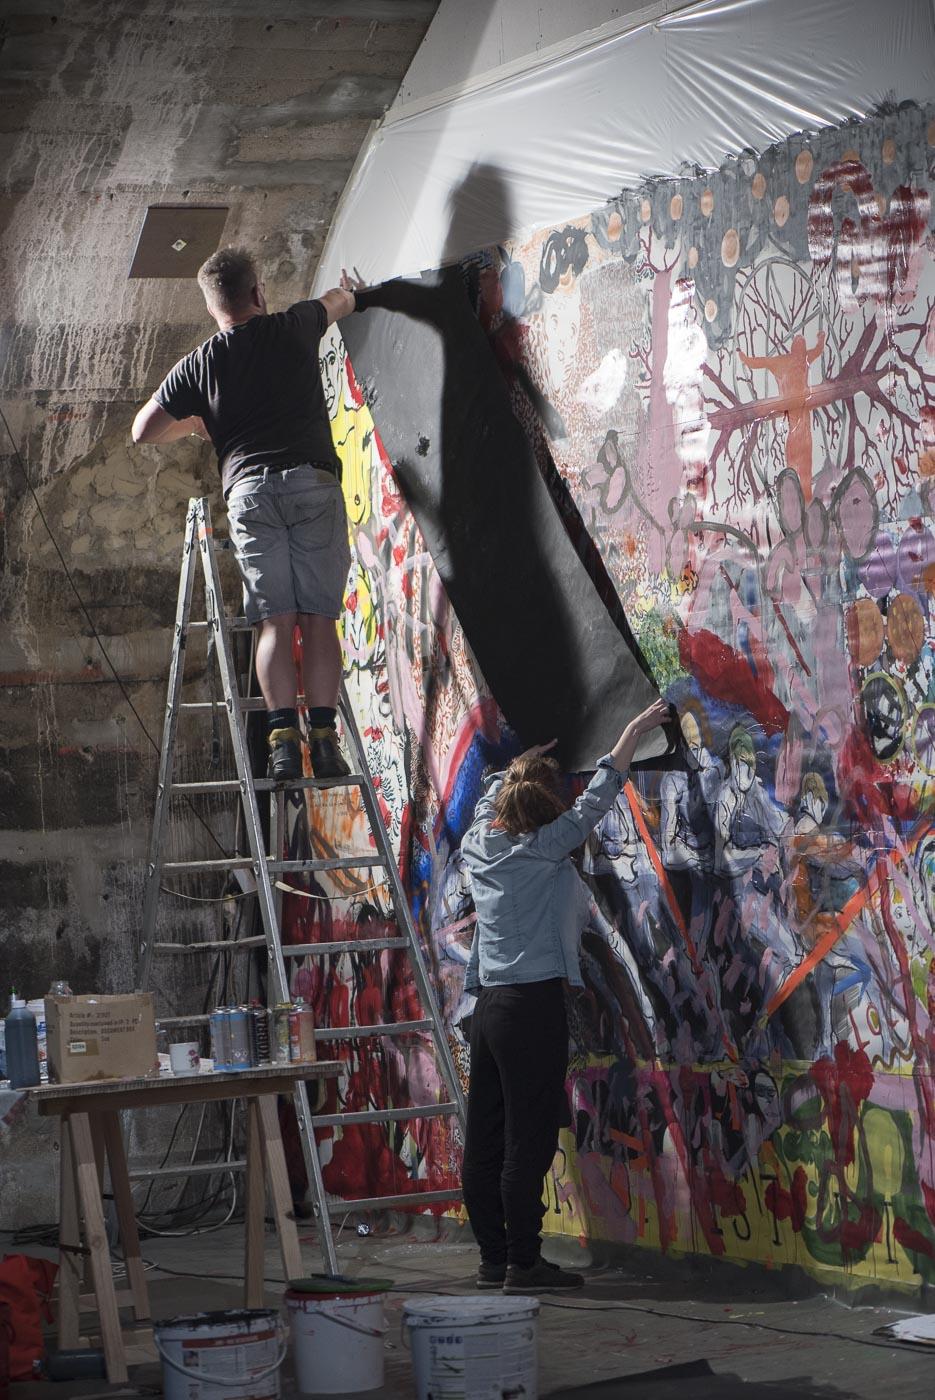 Ein ganz normaler Herbst, nur anders..2020- Projekt KVFM- Ulrich Dieckmann und Martin Janssen- Tag 29